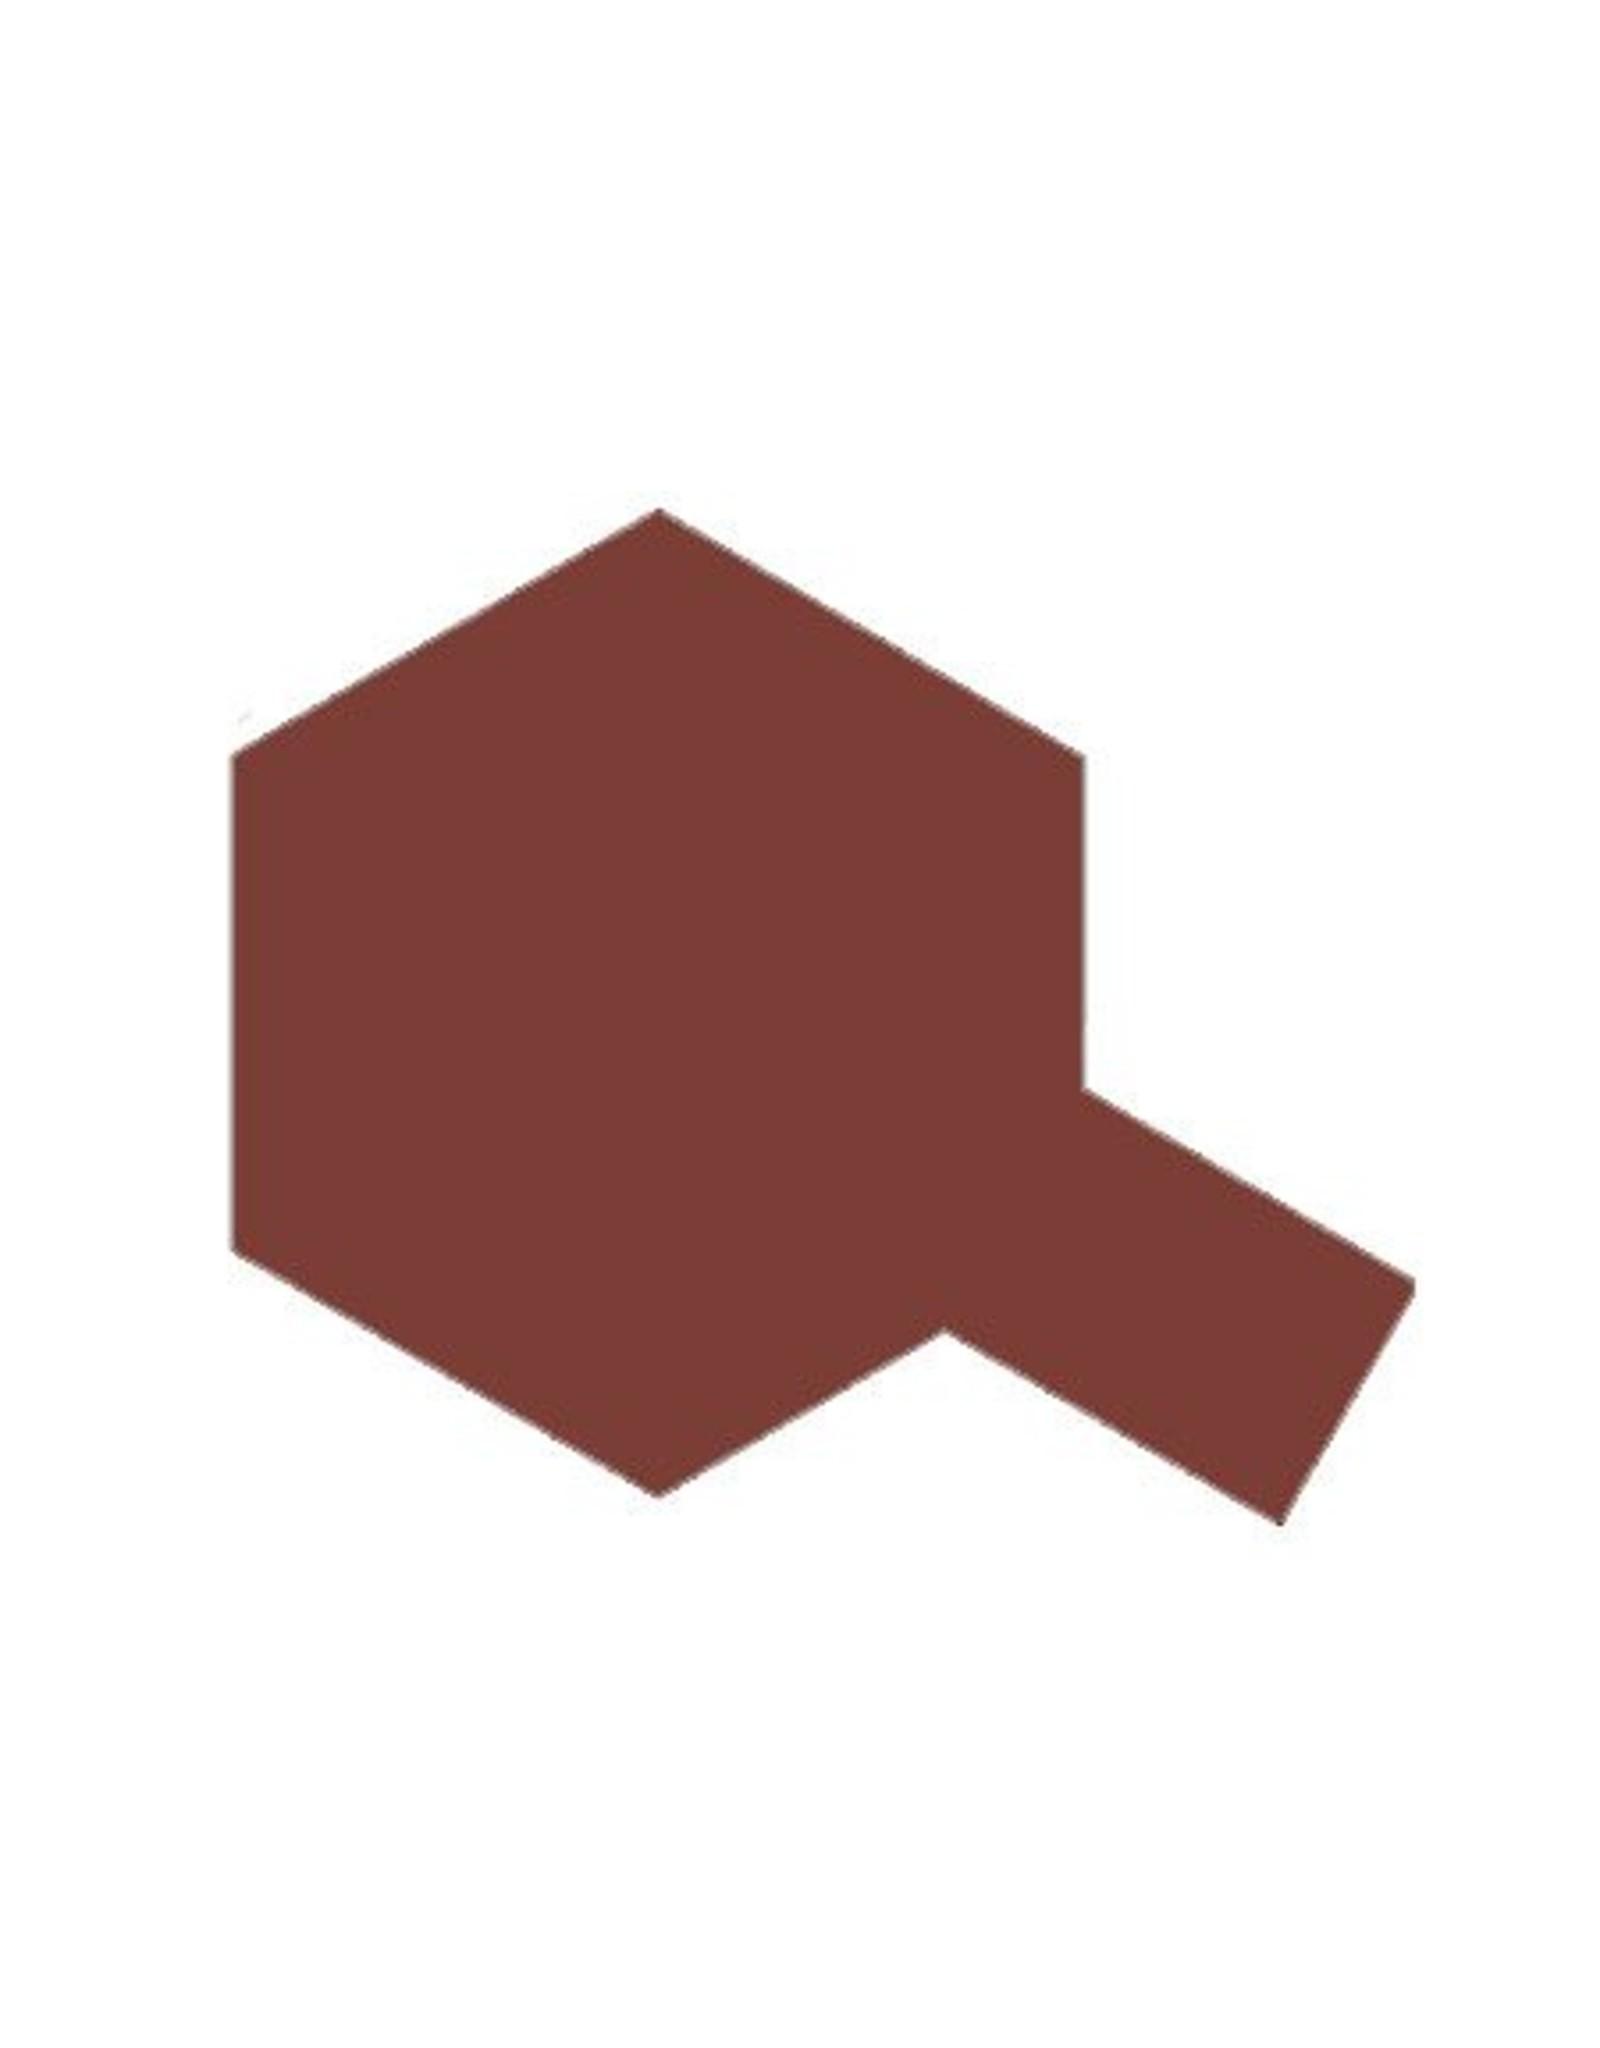 Tamiya Acrylic X-9 Brown